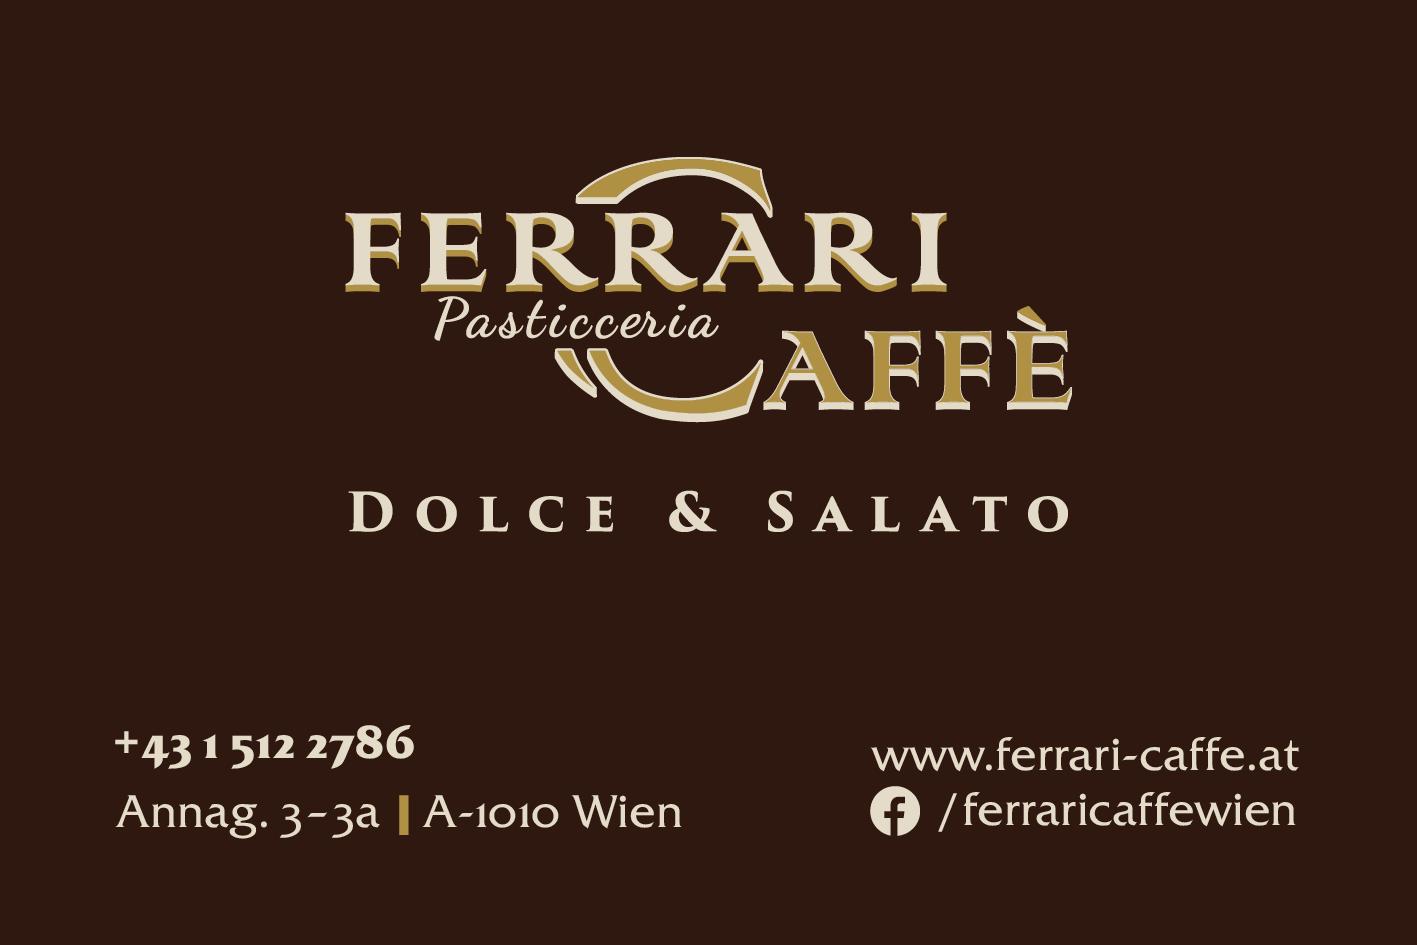 Ferrari Caffè